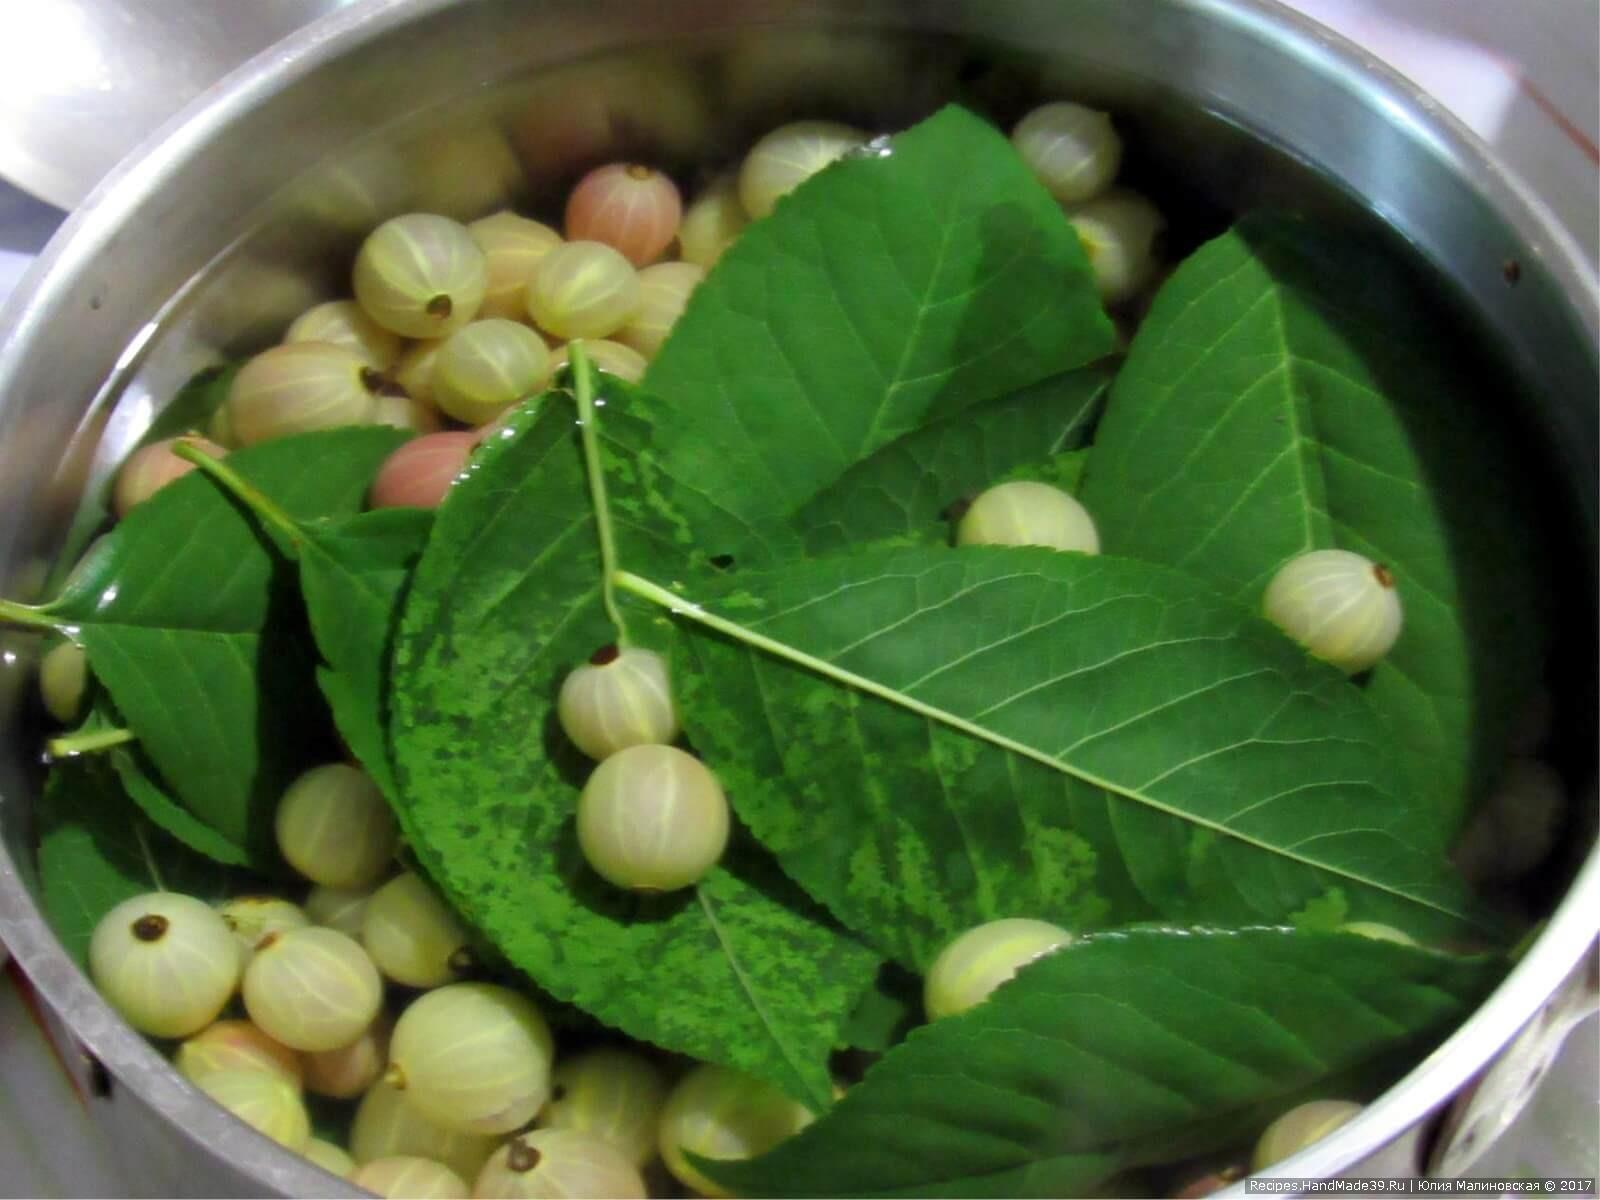 Сложить в миску ягоды и листья, залить крутым кипятком так, чтобы покрыть их сверху. Оставить остывать на 6 часов